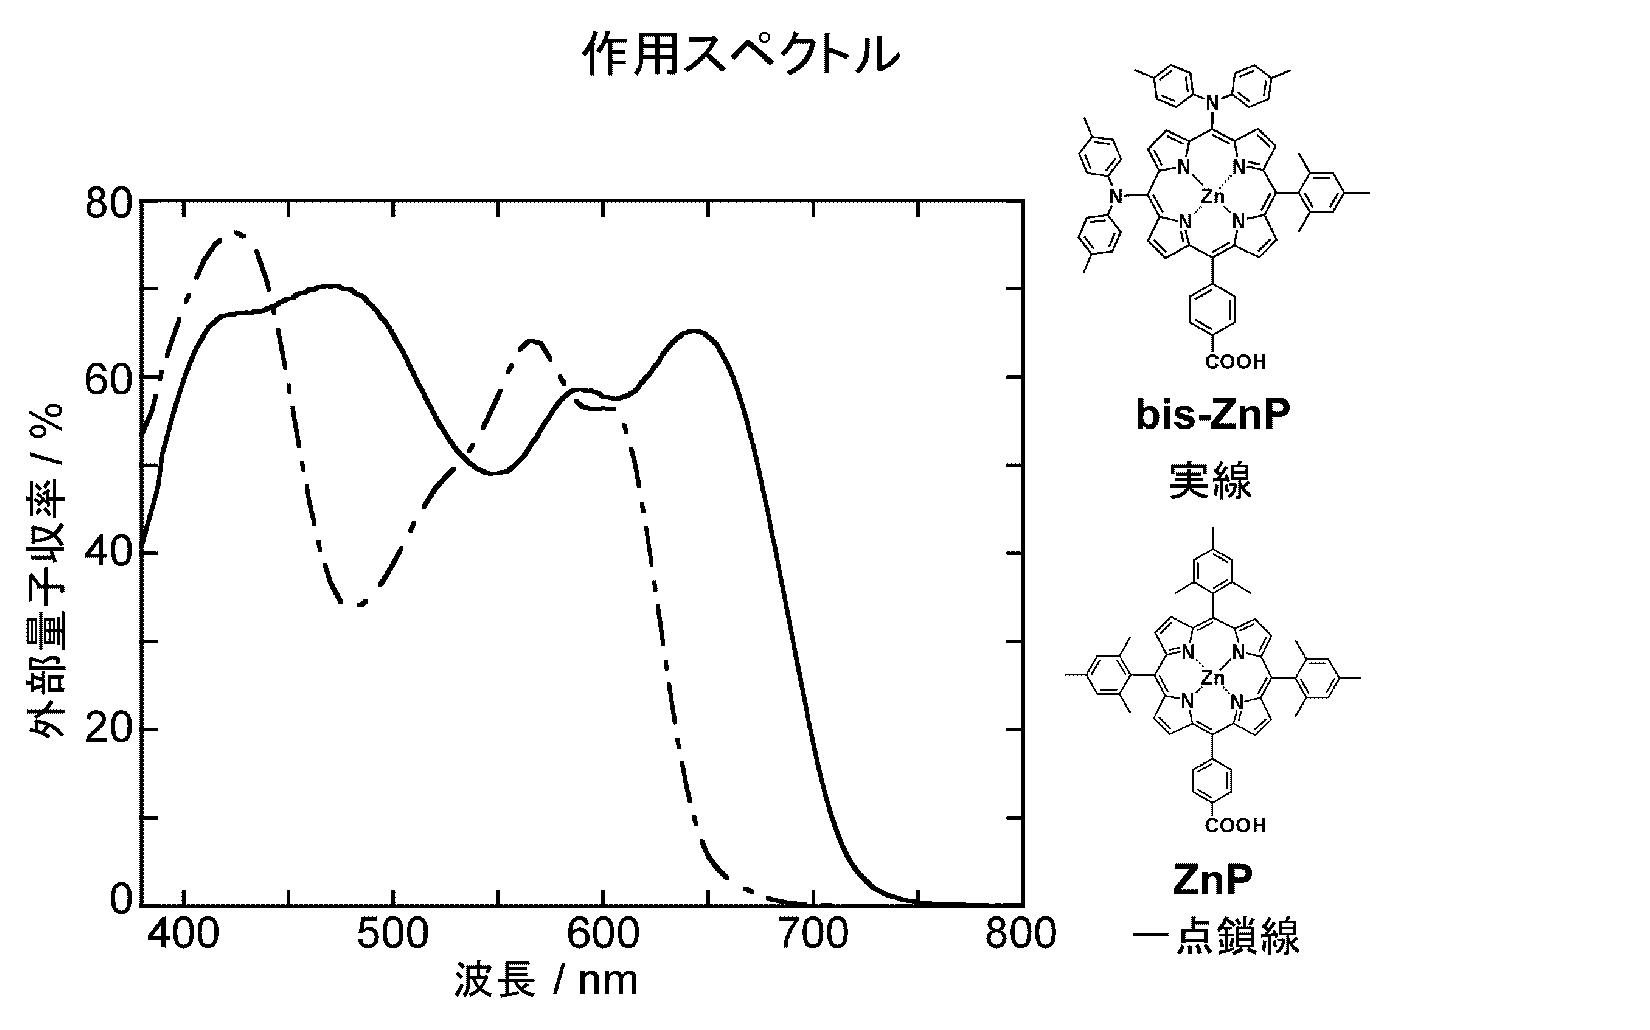 WO2011111725A1 - 新規なポルフィリン錯体およびその用途         - Google PatentsFamily